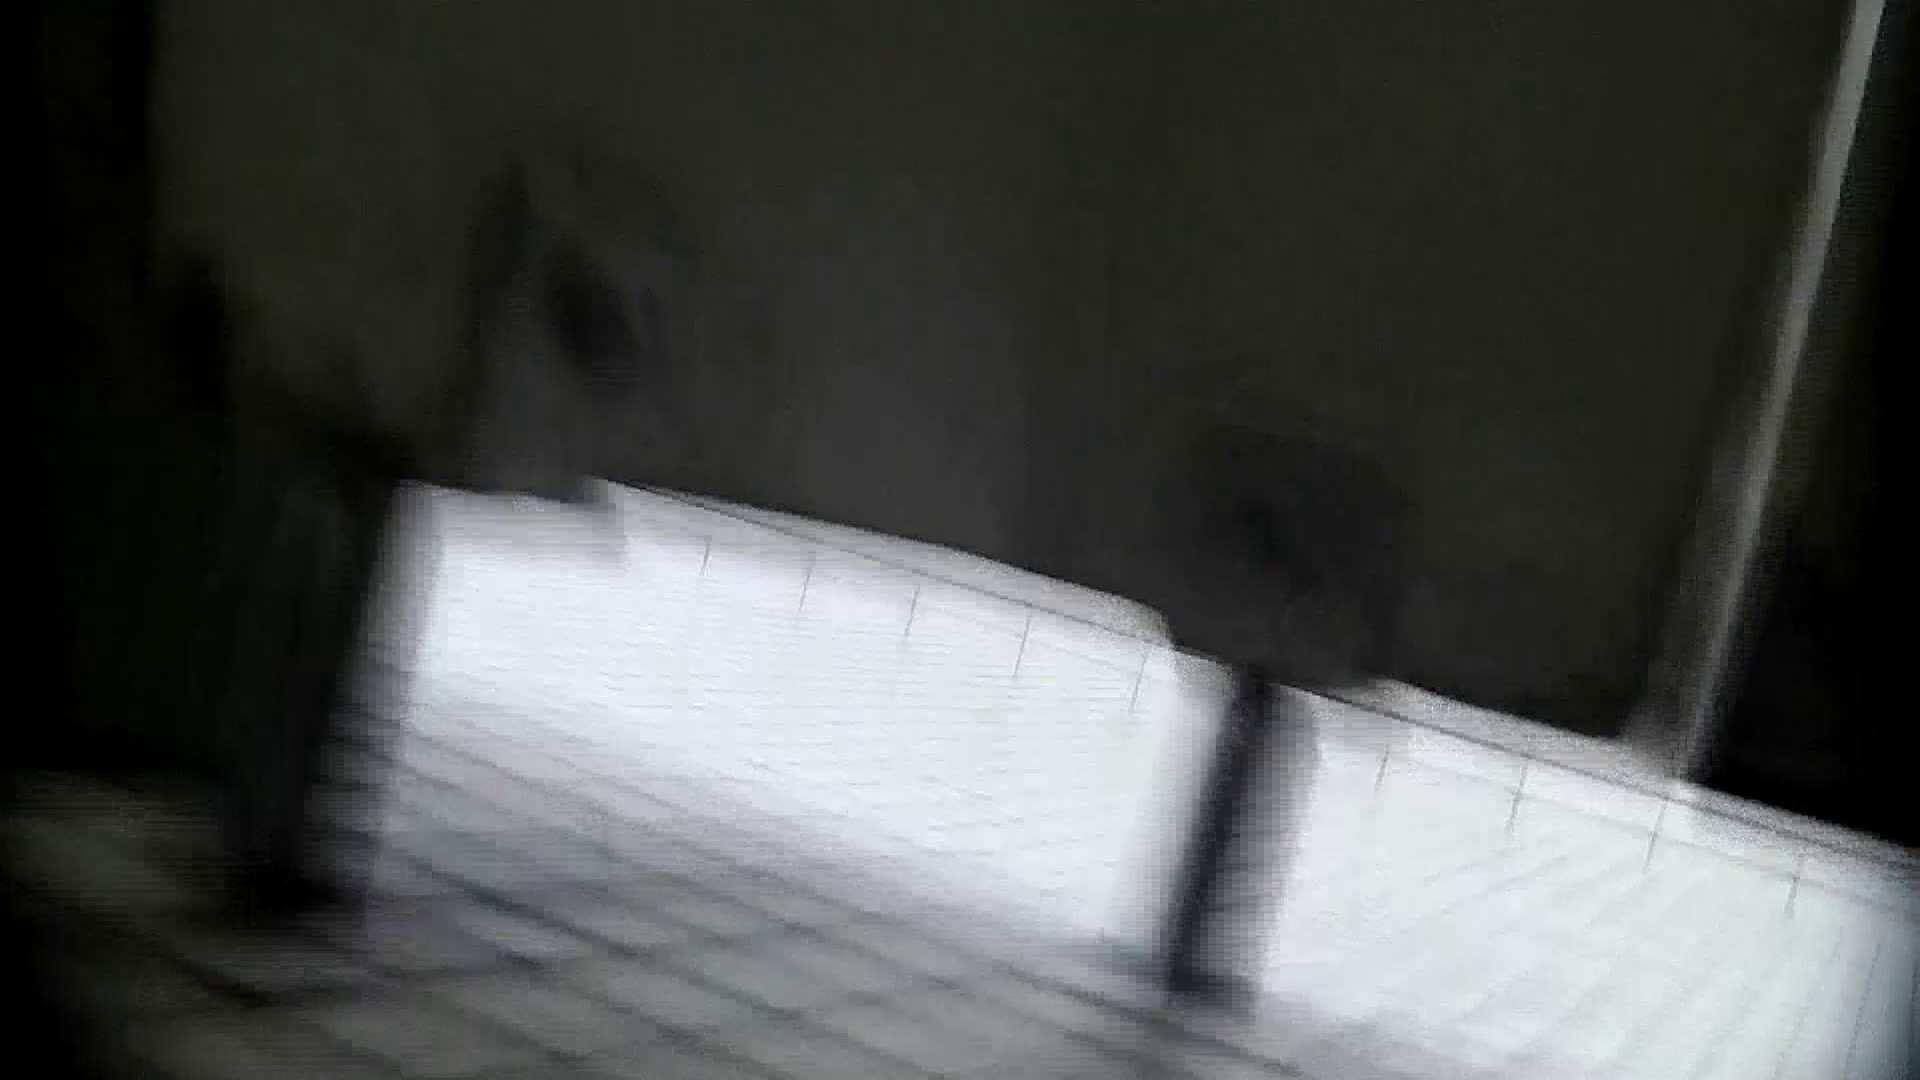 洗面所特攻隊 vol.X さらば!!特攻隊。【2015・08位】 洗面所のぞき  95枚 54